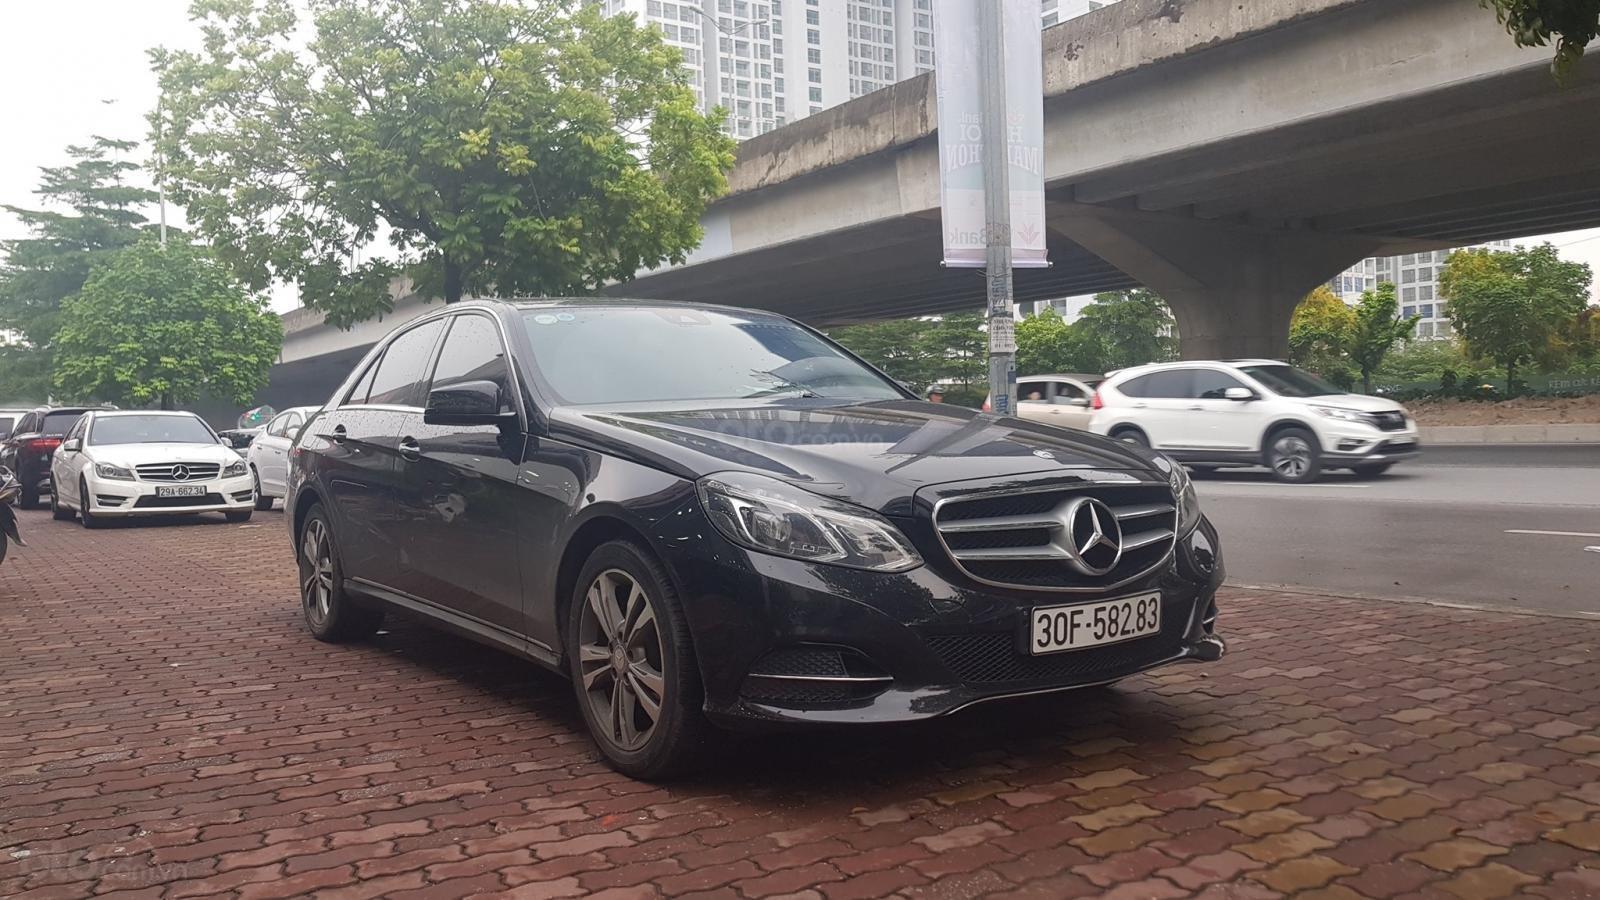 Cần bán xe Mercedes E250 CGI sản xuất 2013 đăng ký cá nhân (1)